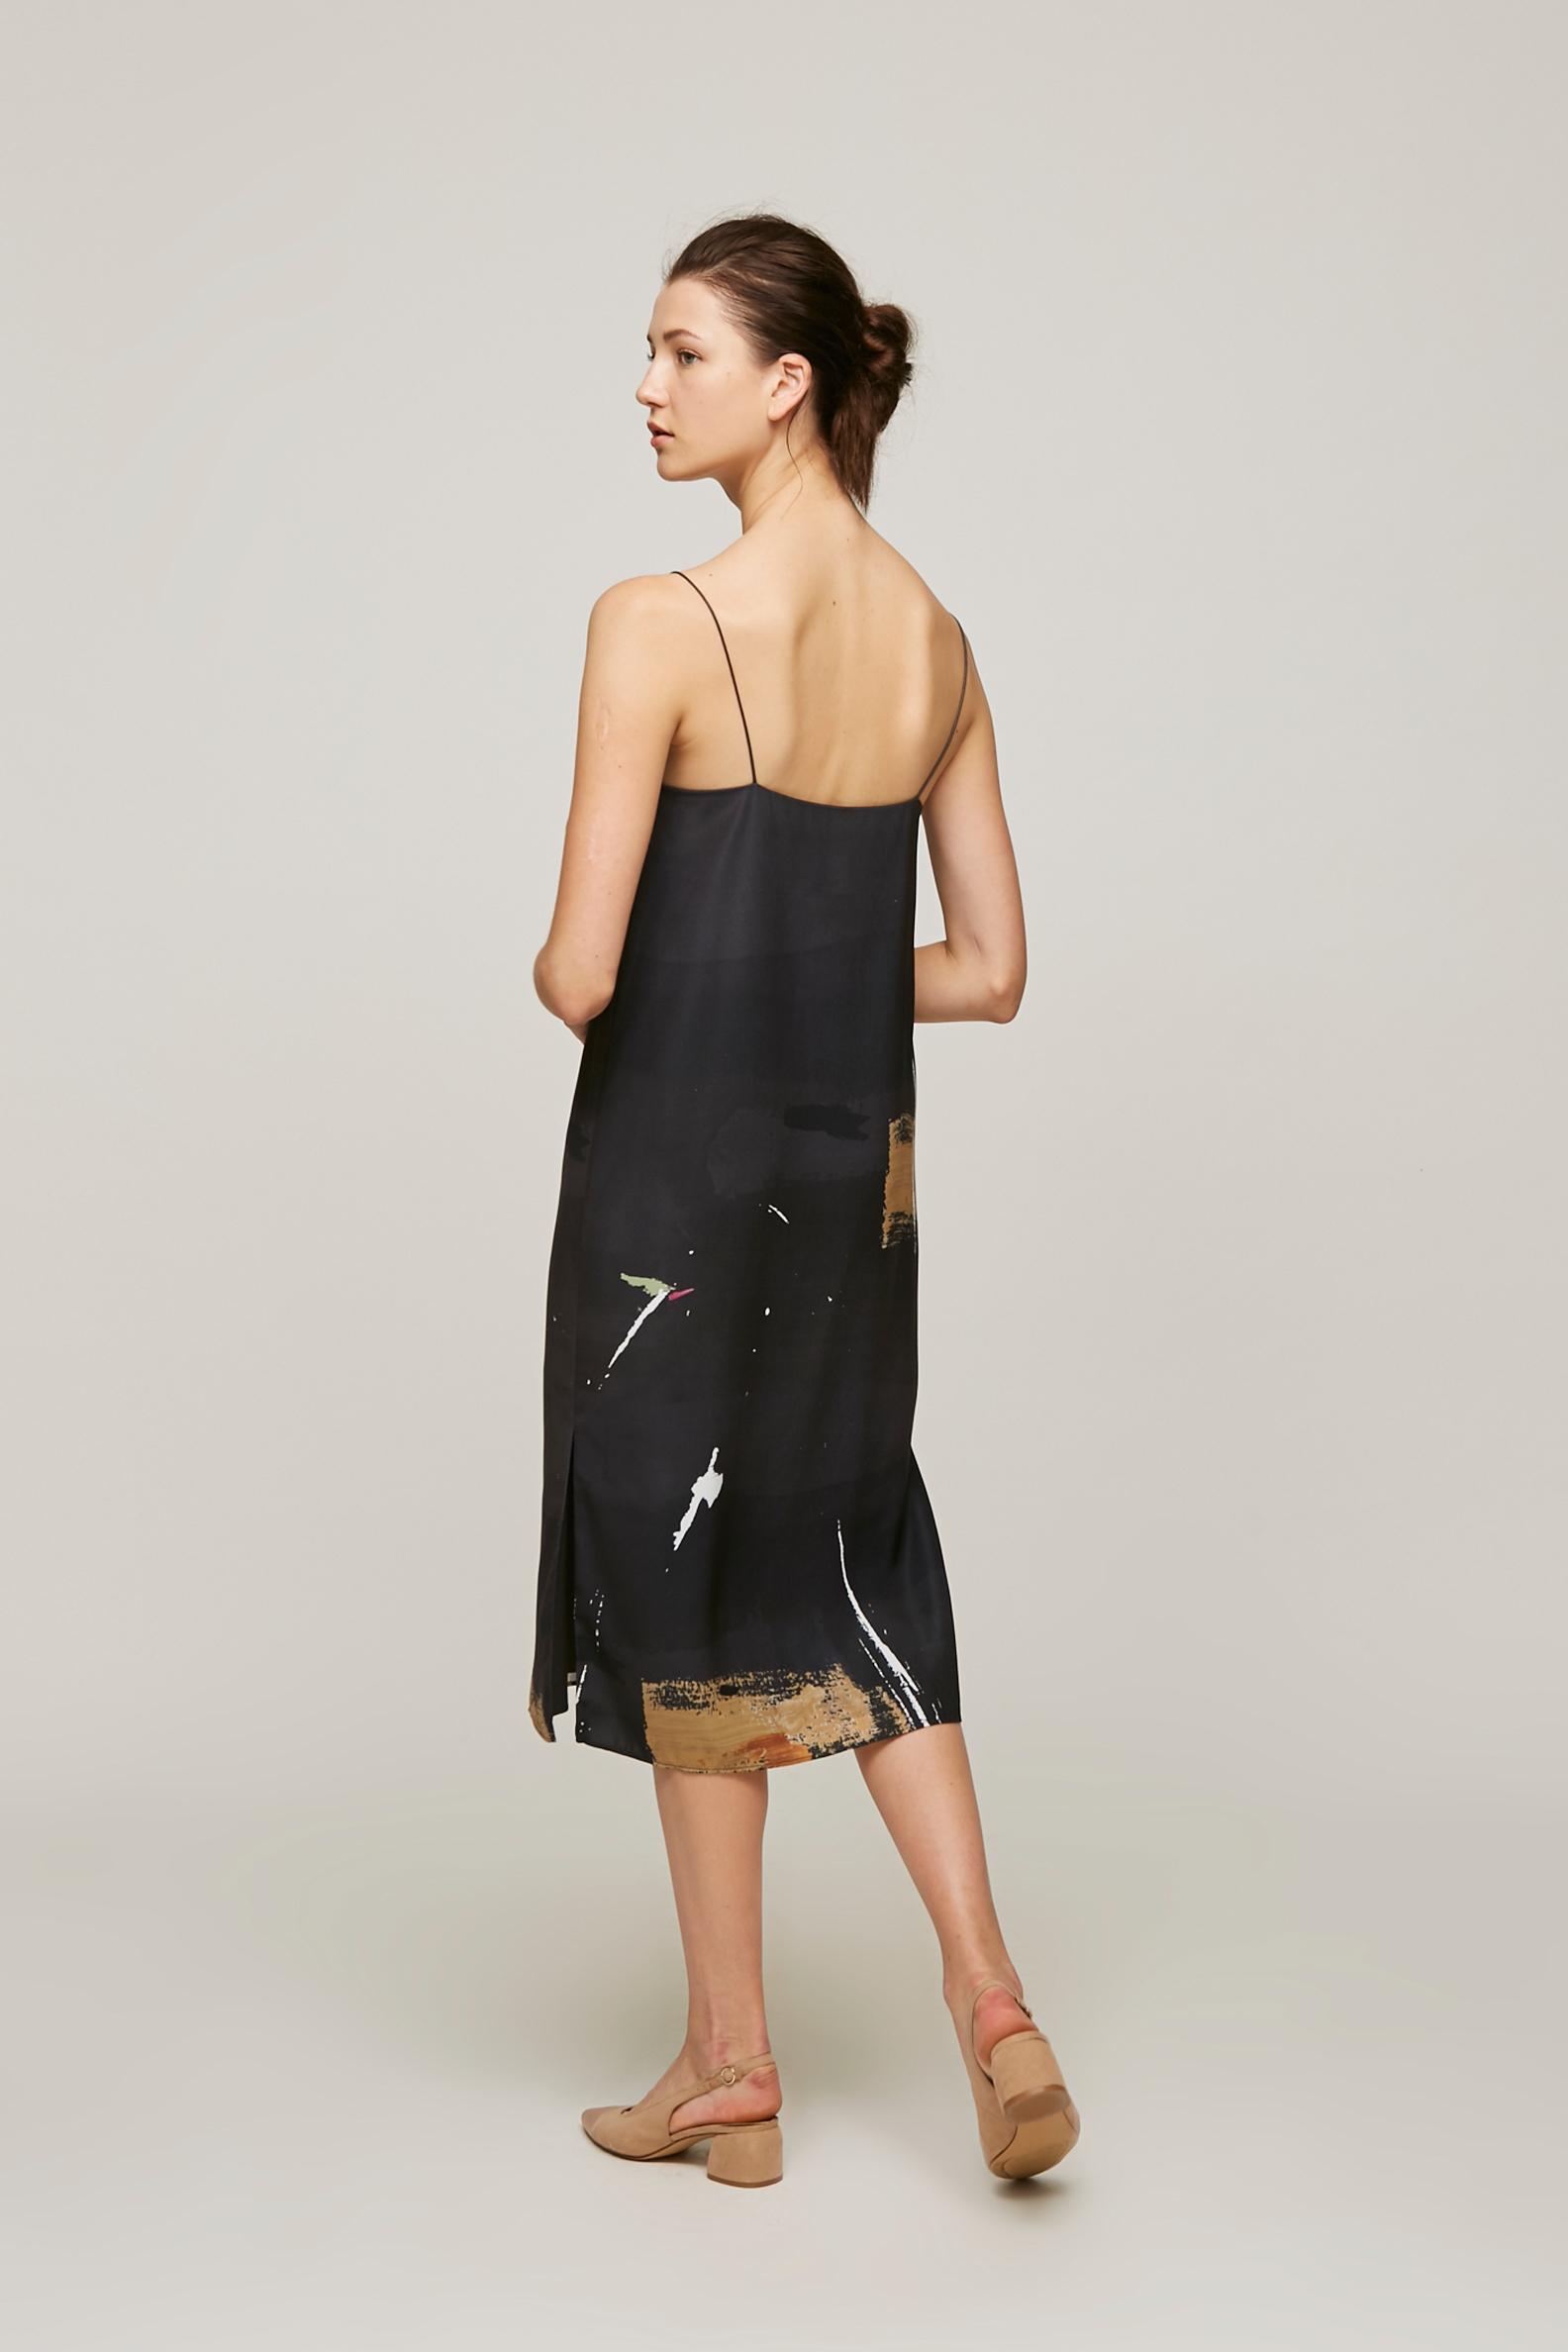 Dune Slip Dress